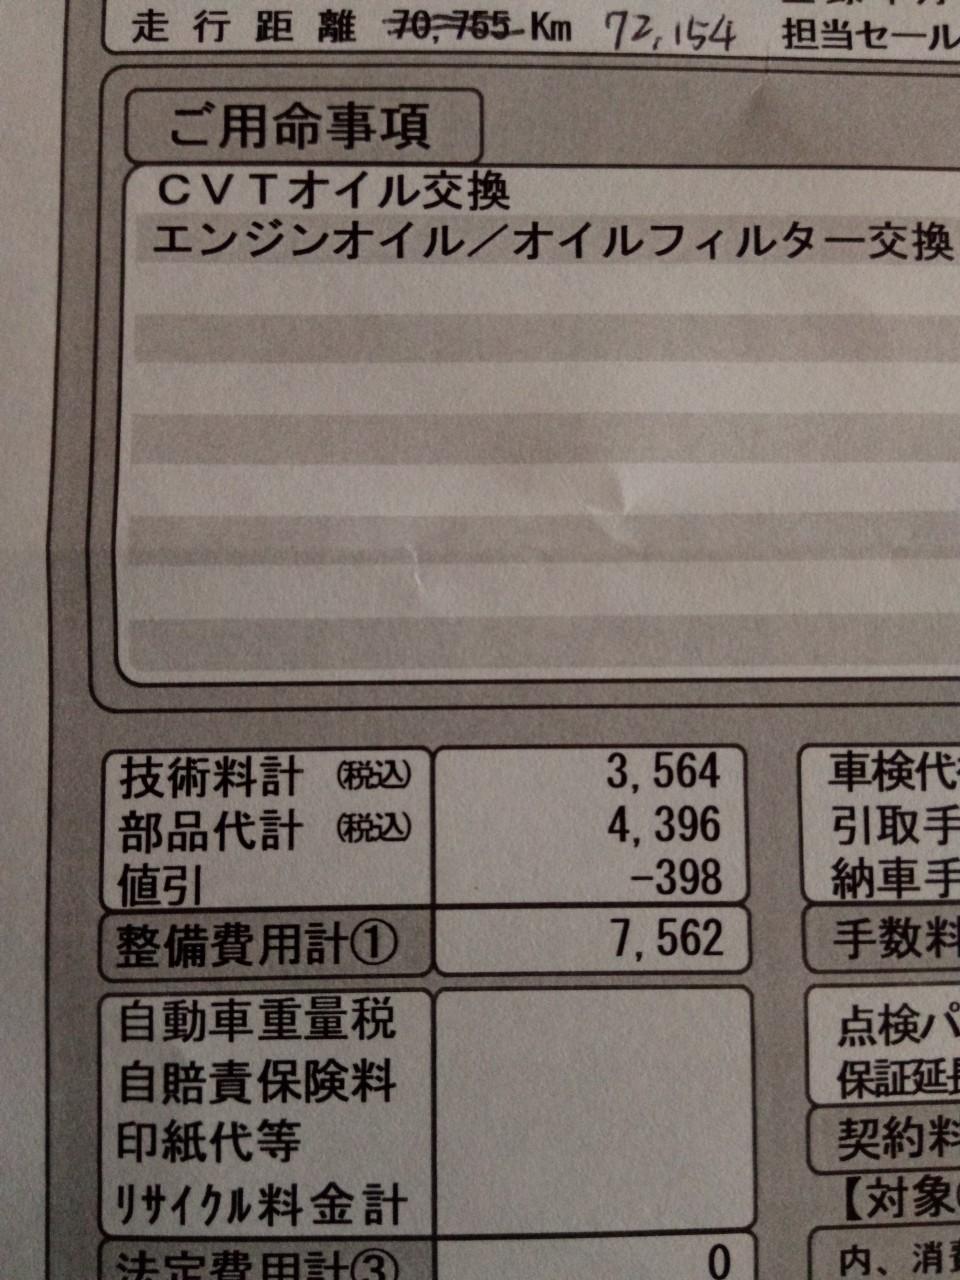 交換 費用 オイル cvt